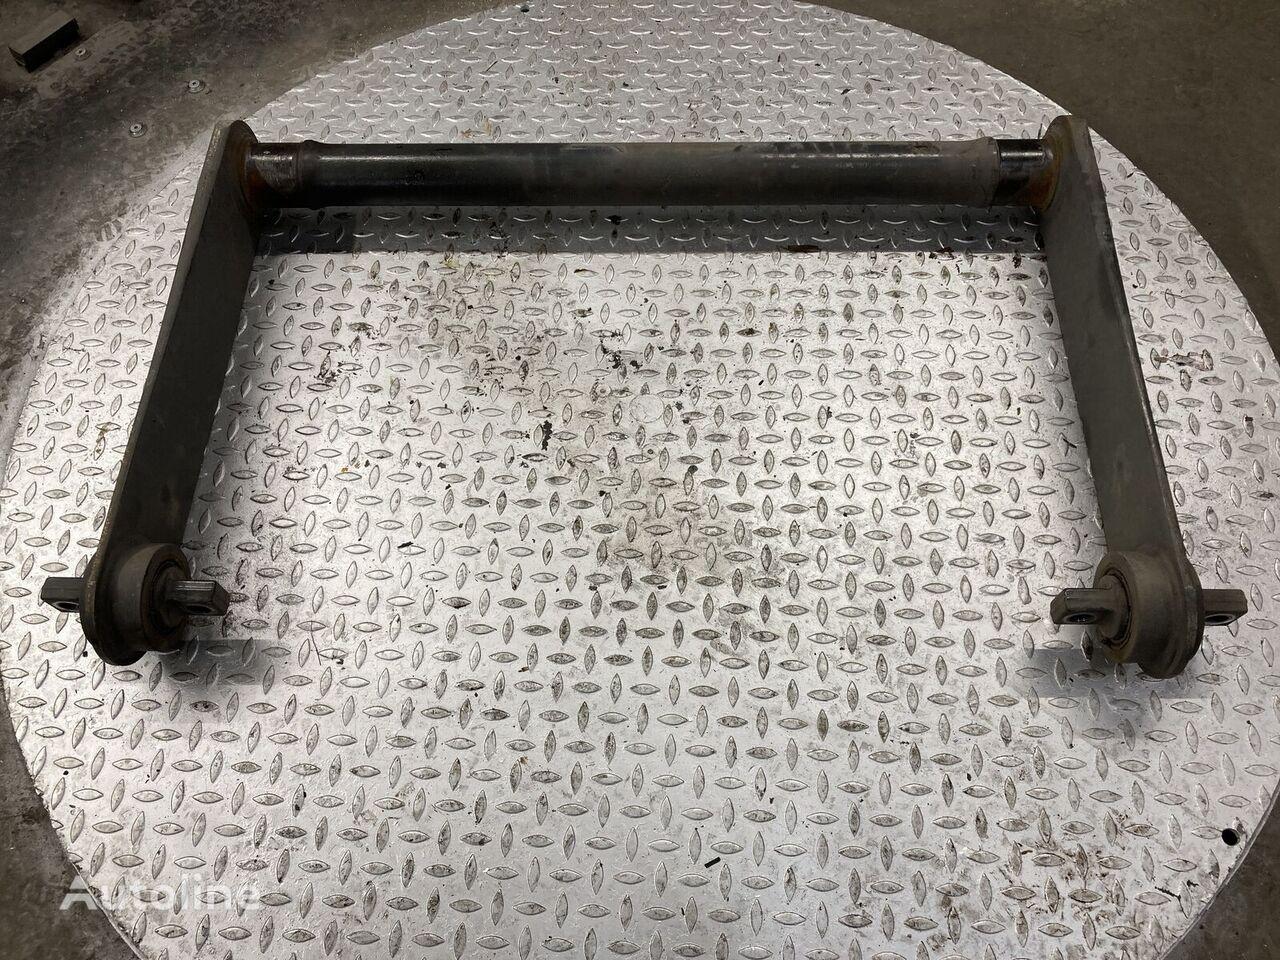 φορτηγό MERCEDES-BENZ Torsiestaaf achteras για ανταλλακτικό Torsiestaaf achteras MERCEDES-BENZ